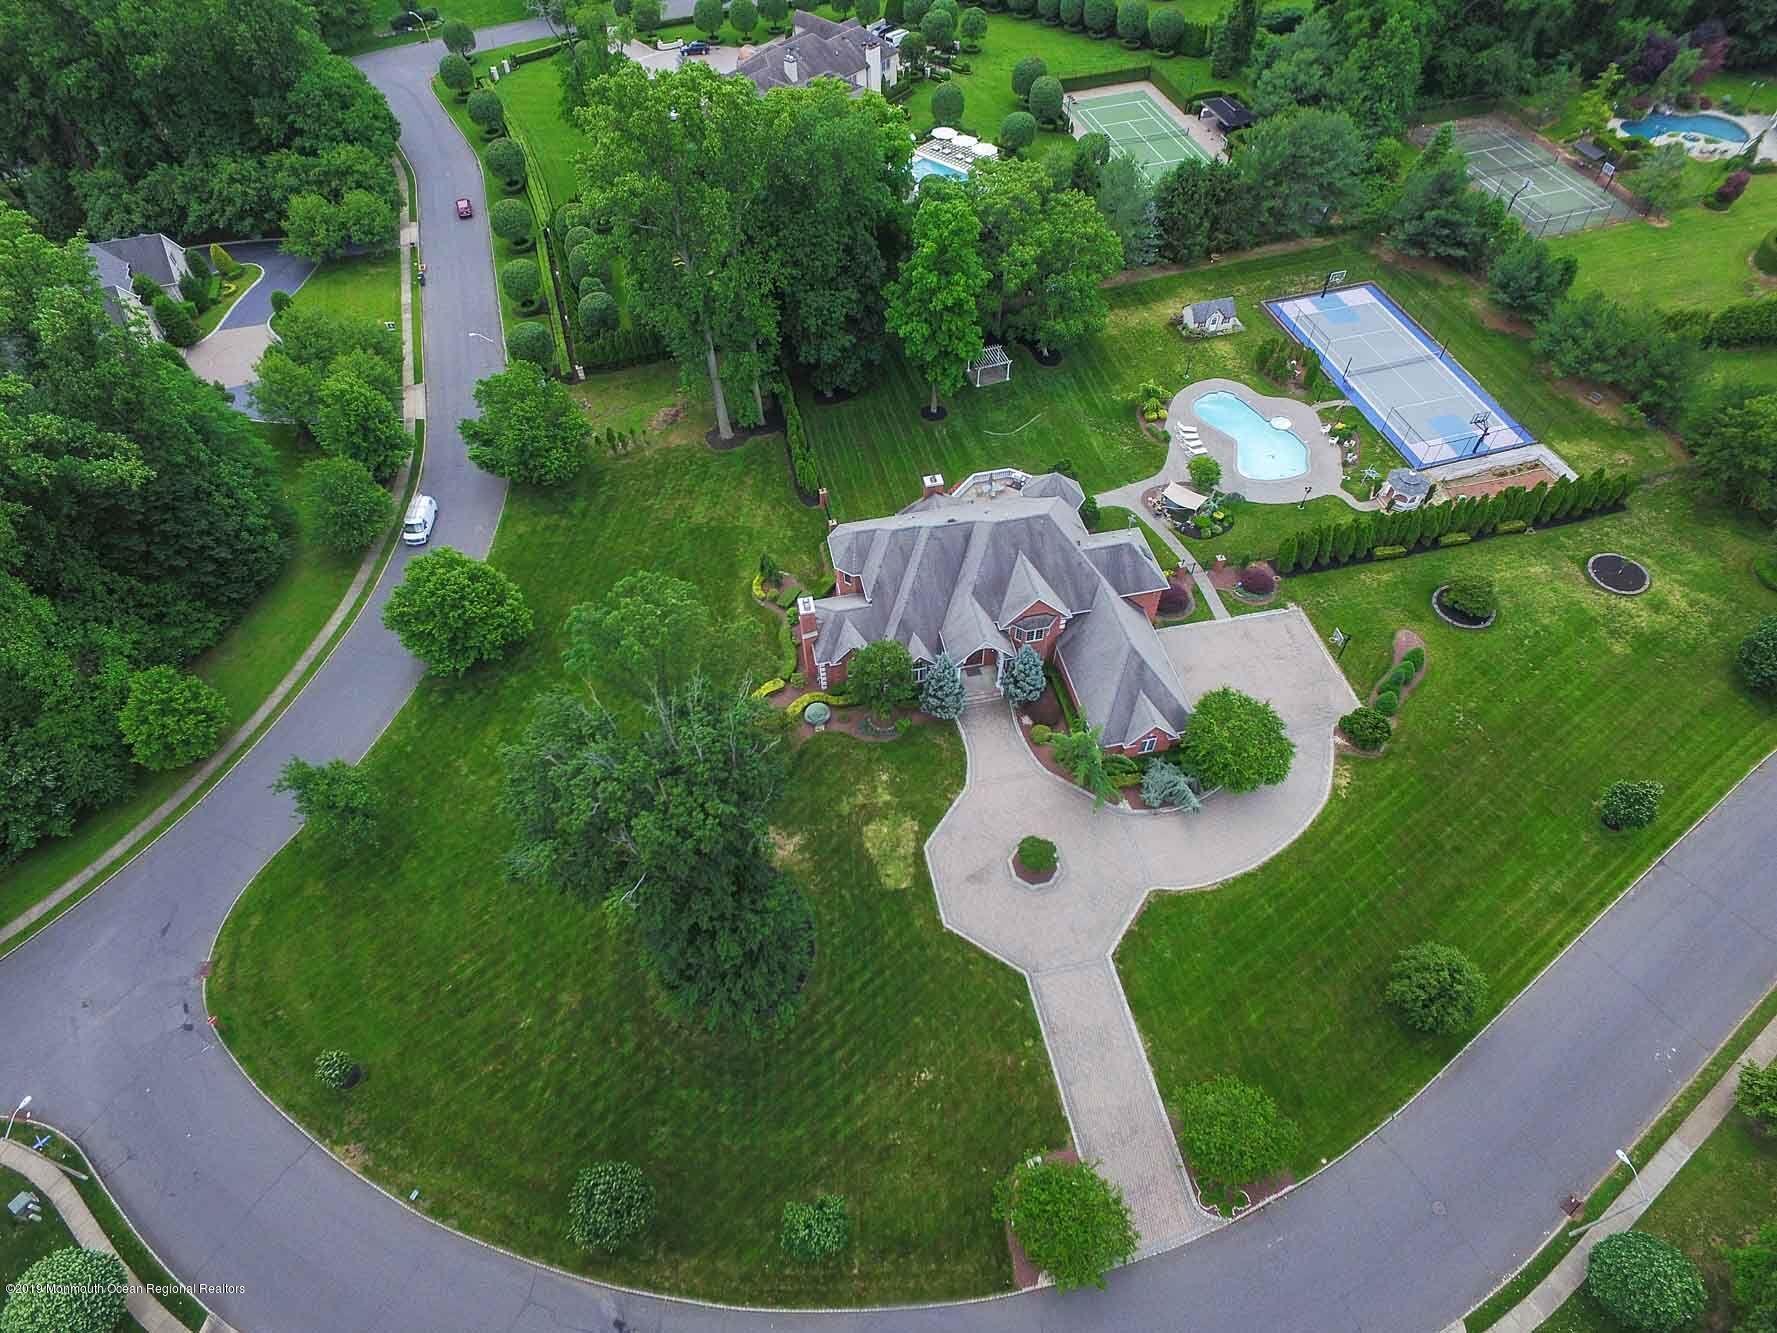 Photo of 16 Maacka Drive, Holmdel, NJ 07733